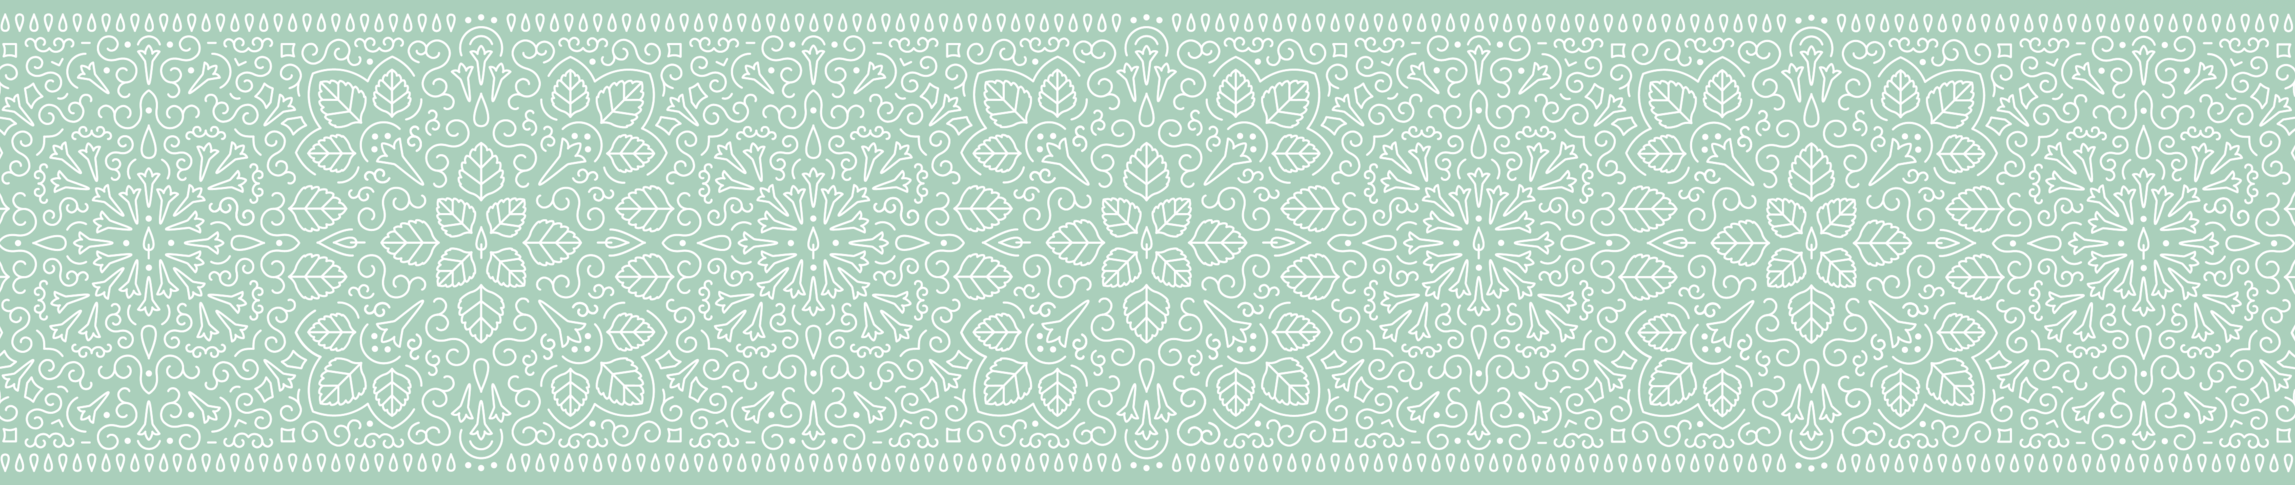 patternFOUR.png